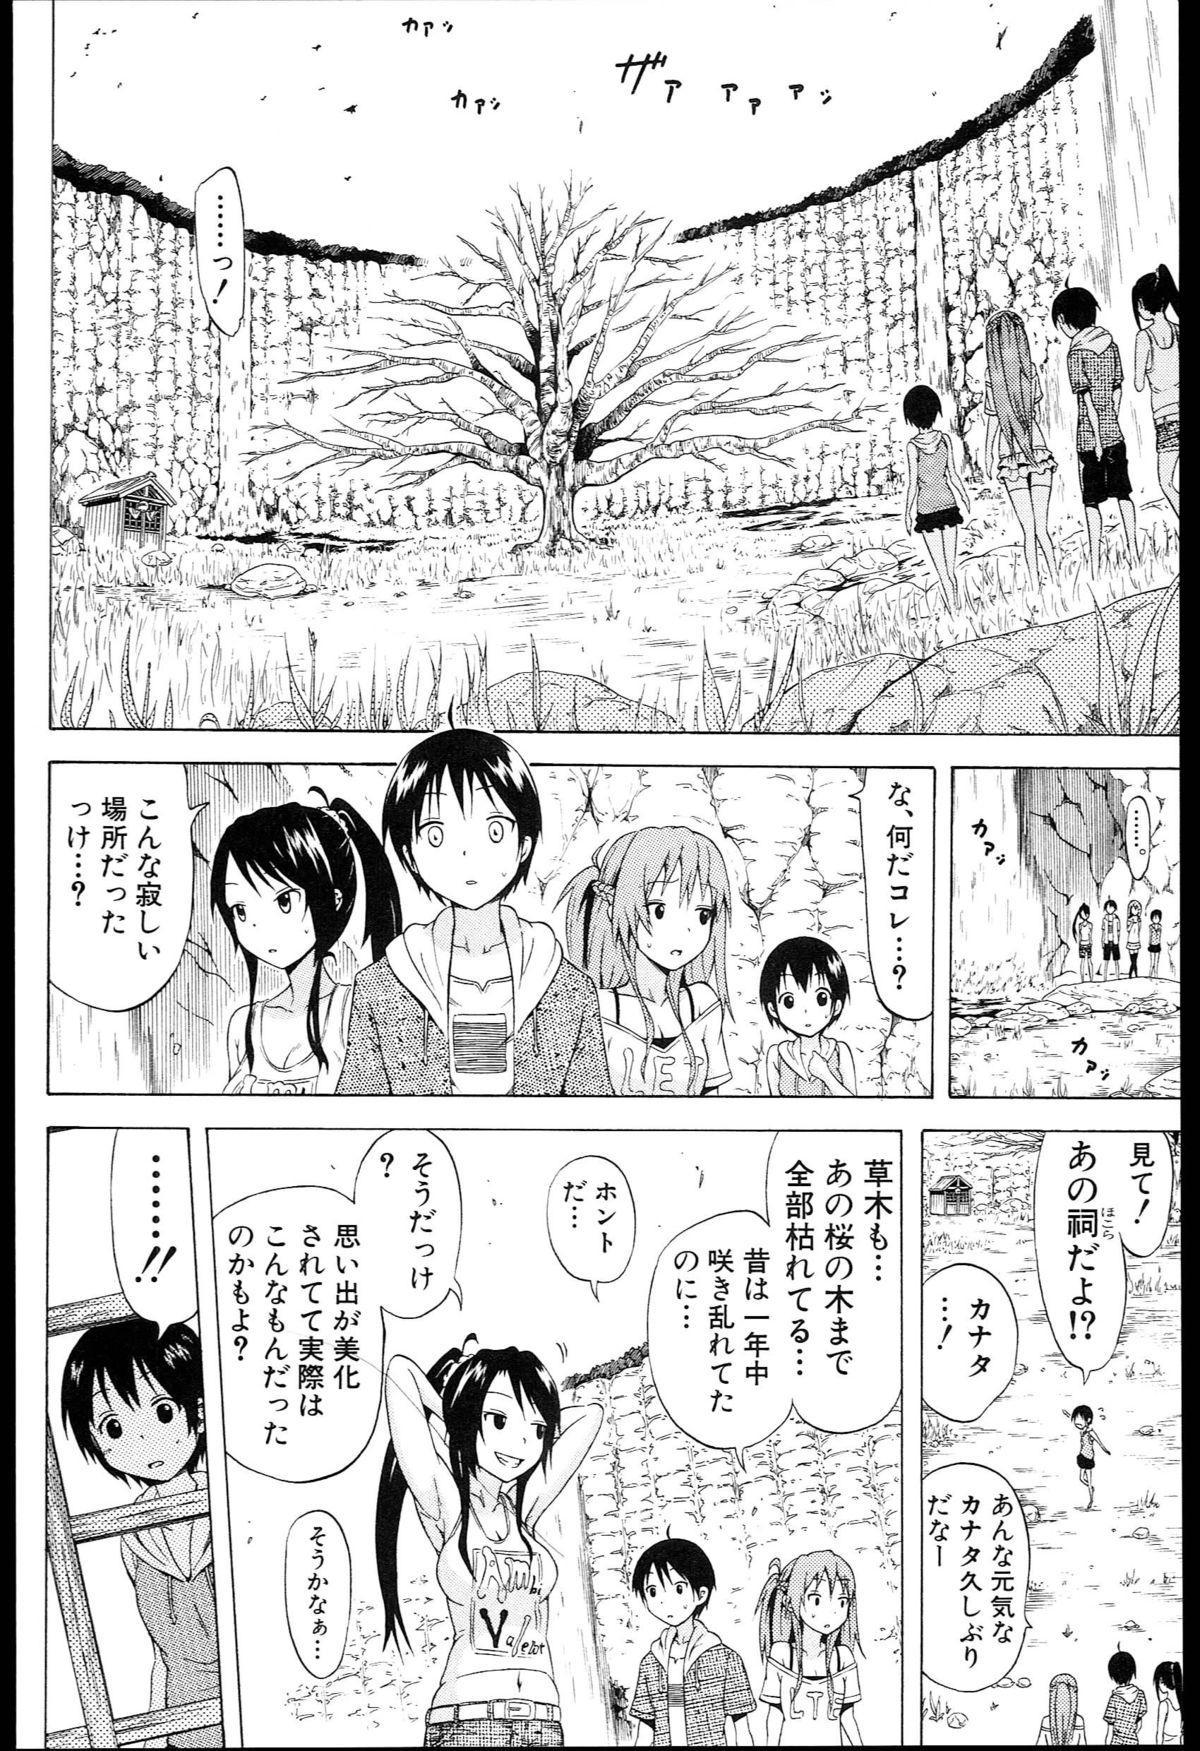 Natsumitsu x Harem + Melonbooks Gentei Shousasshi 168